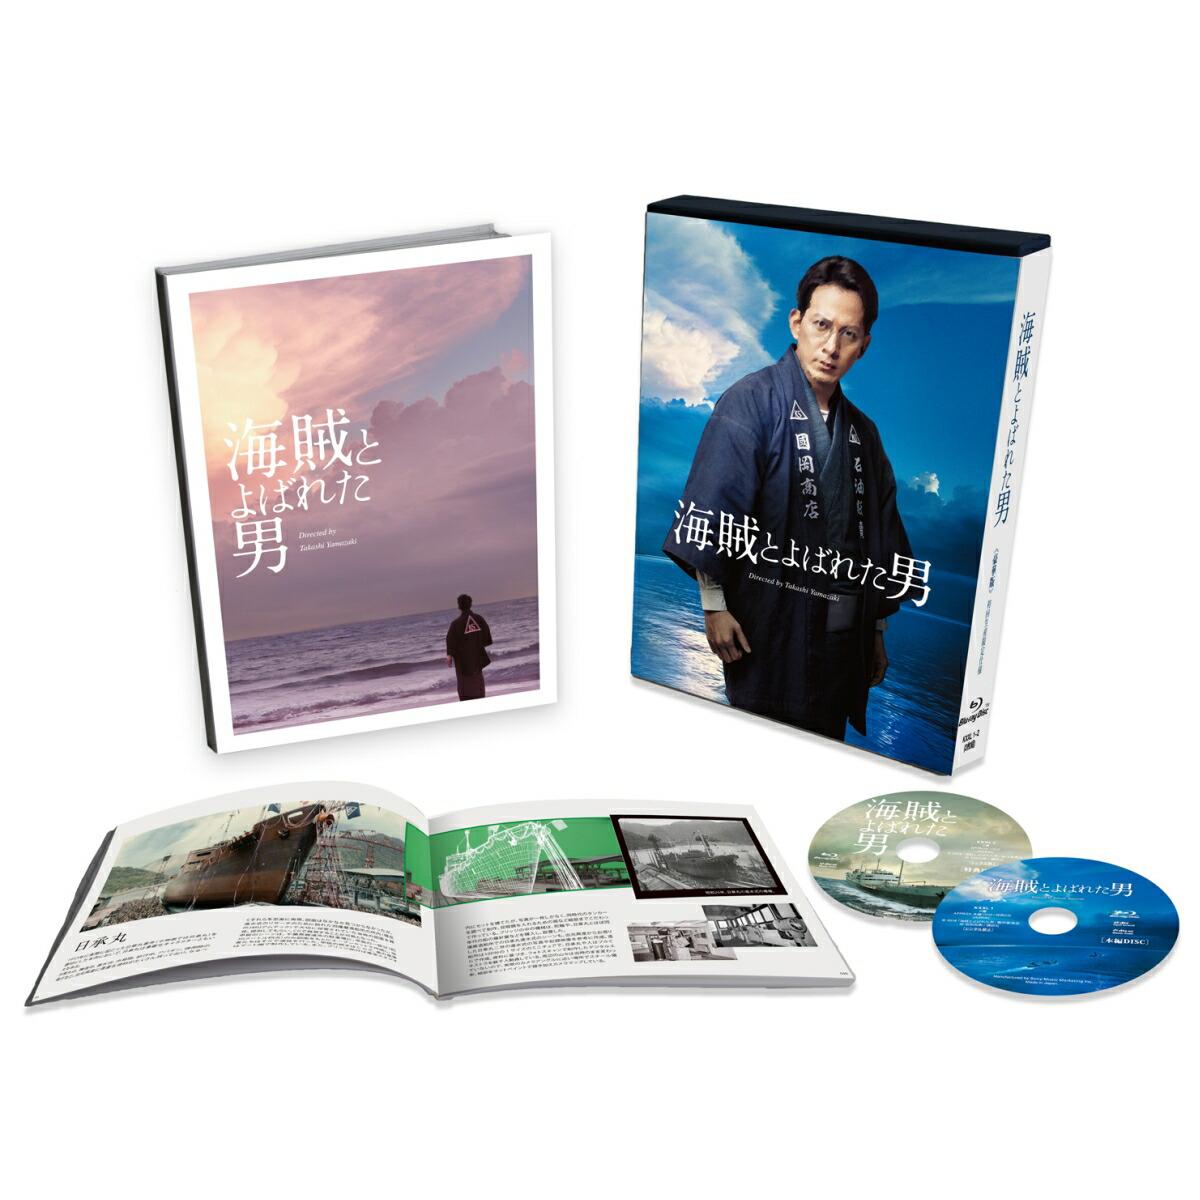 海賊とよばれた男(完全生産限定盤)[KXXL-1/2][Blu-ray/ブルーレイ]